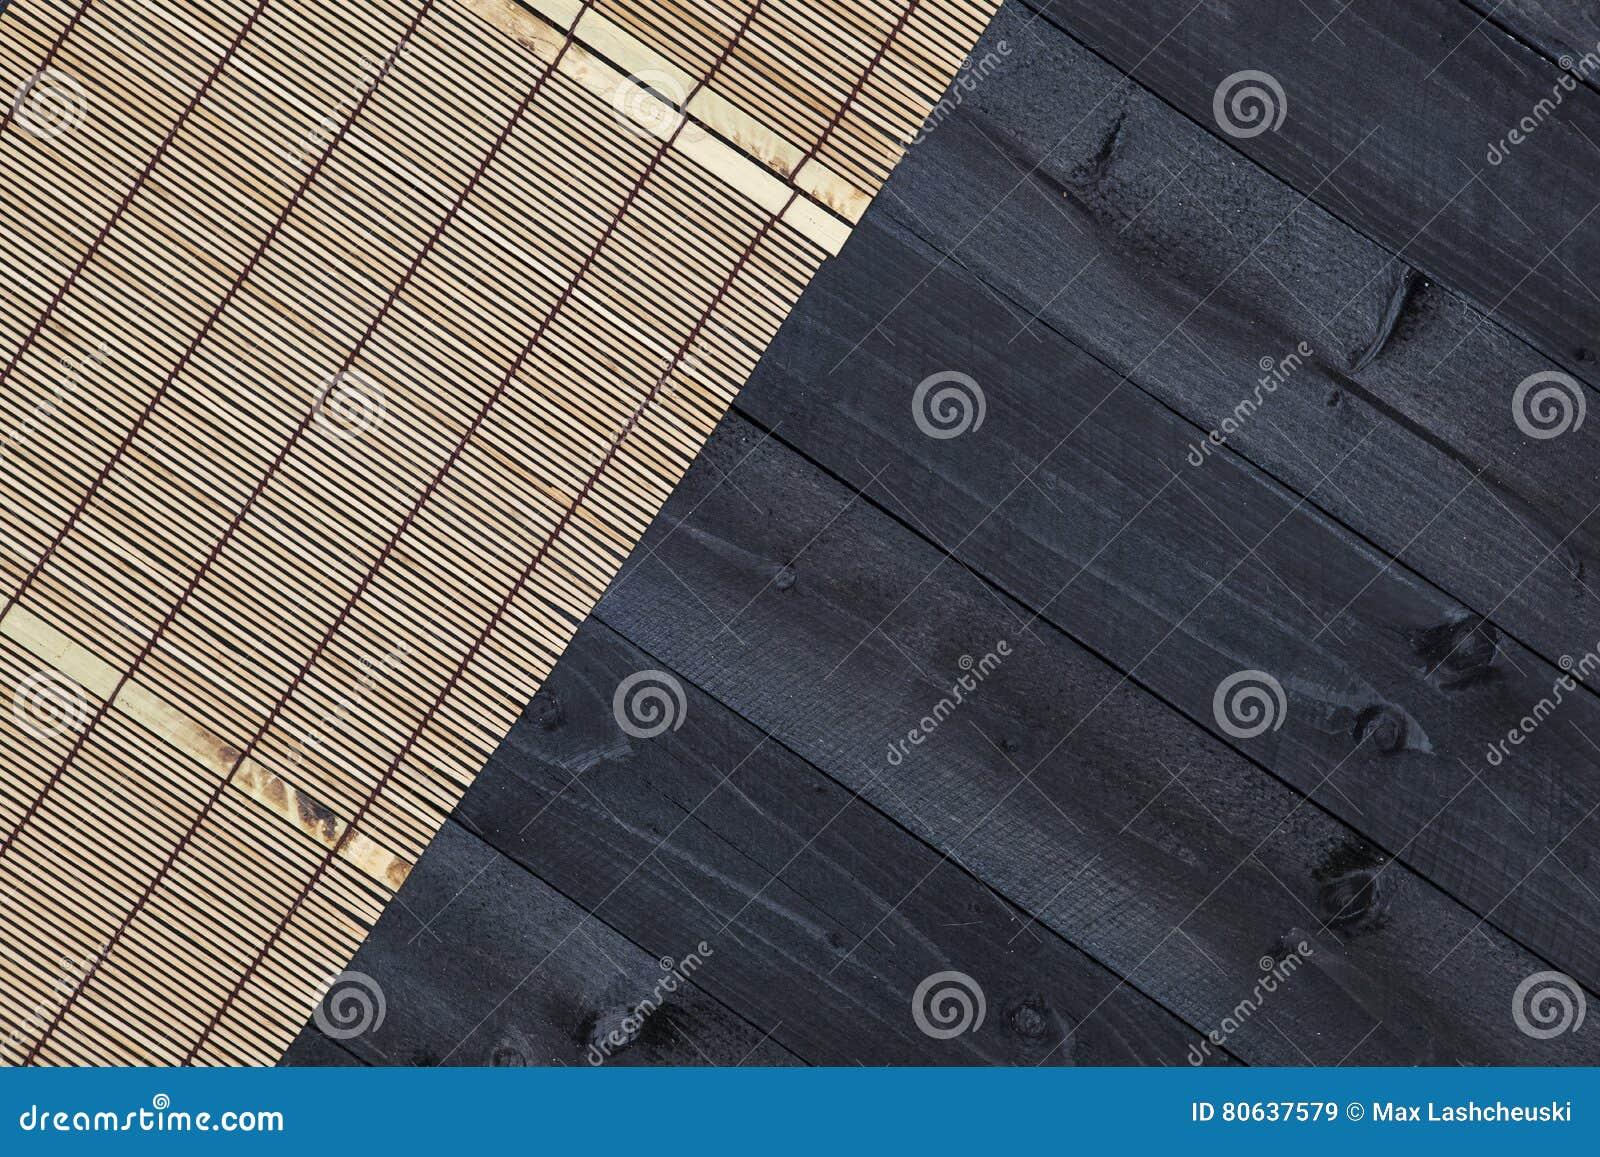 Бамбуковая циновка на деревянном столе, взгляд сверху